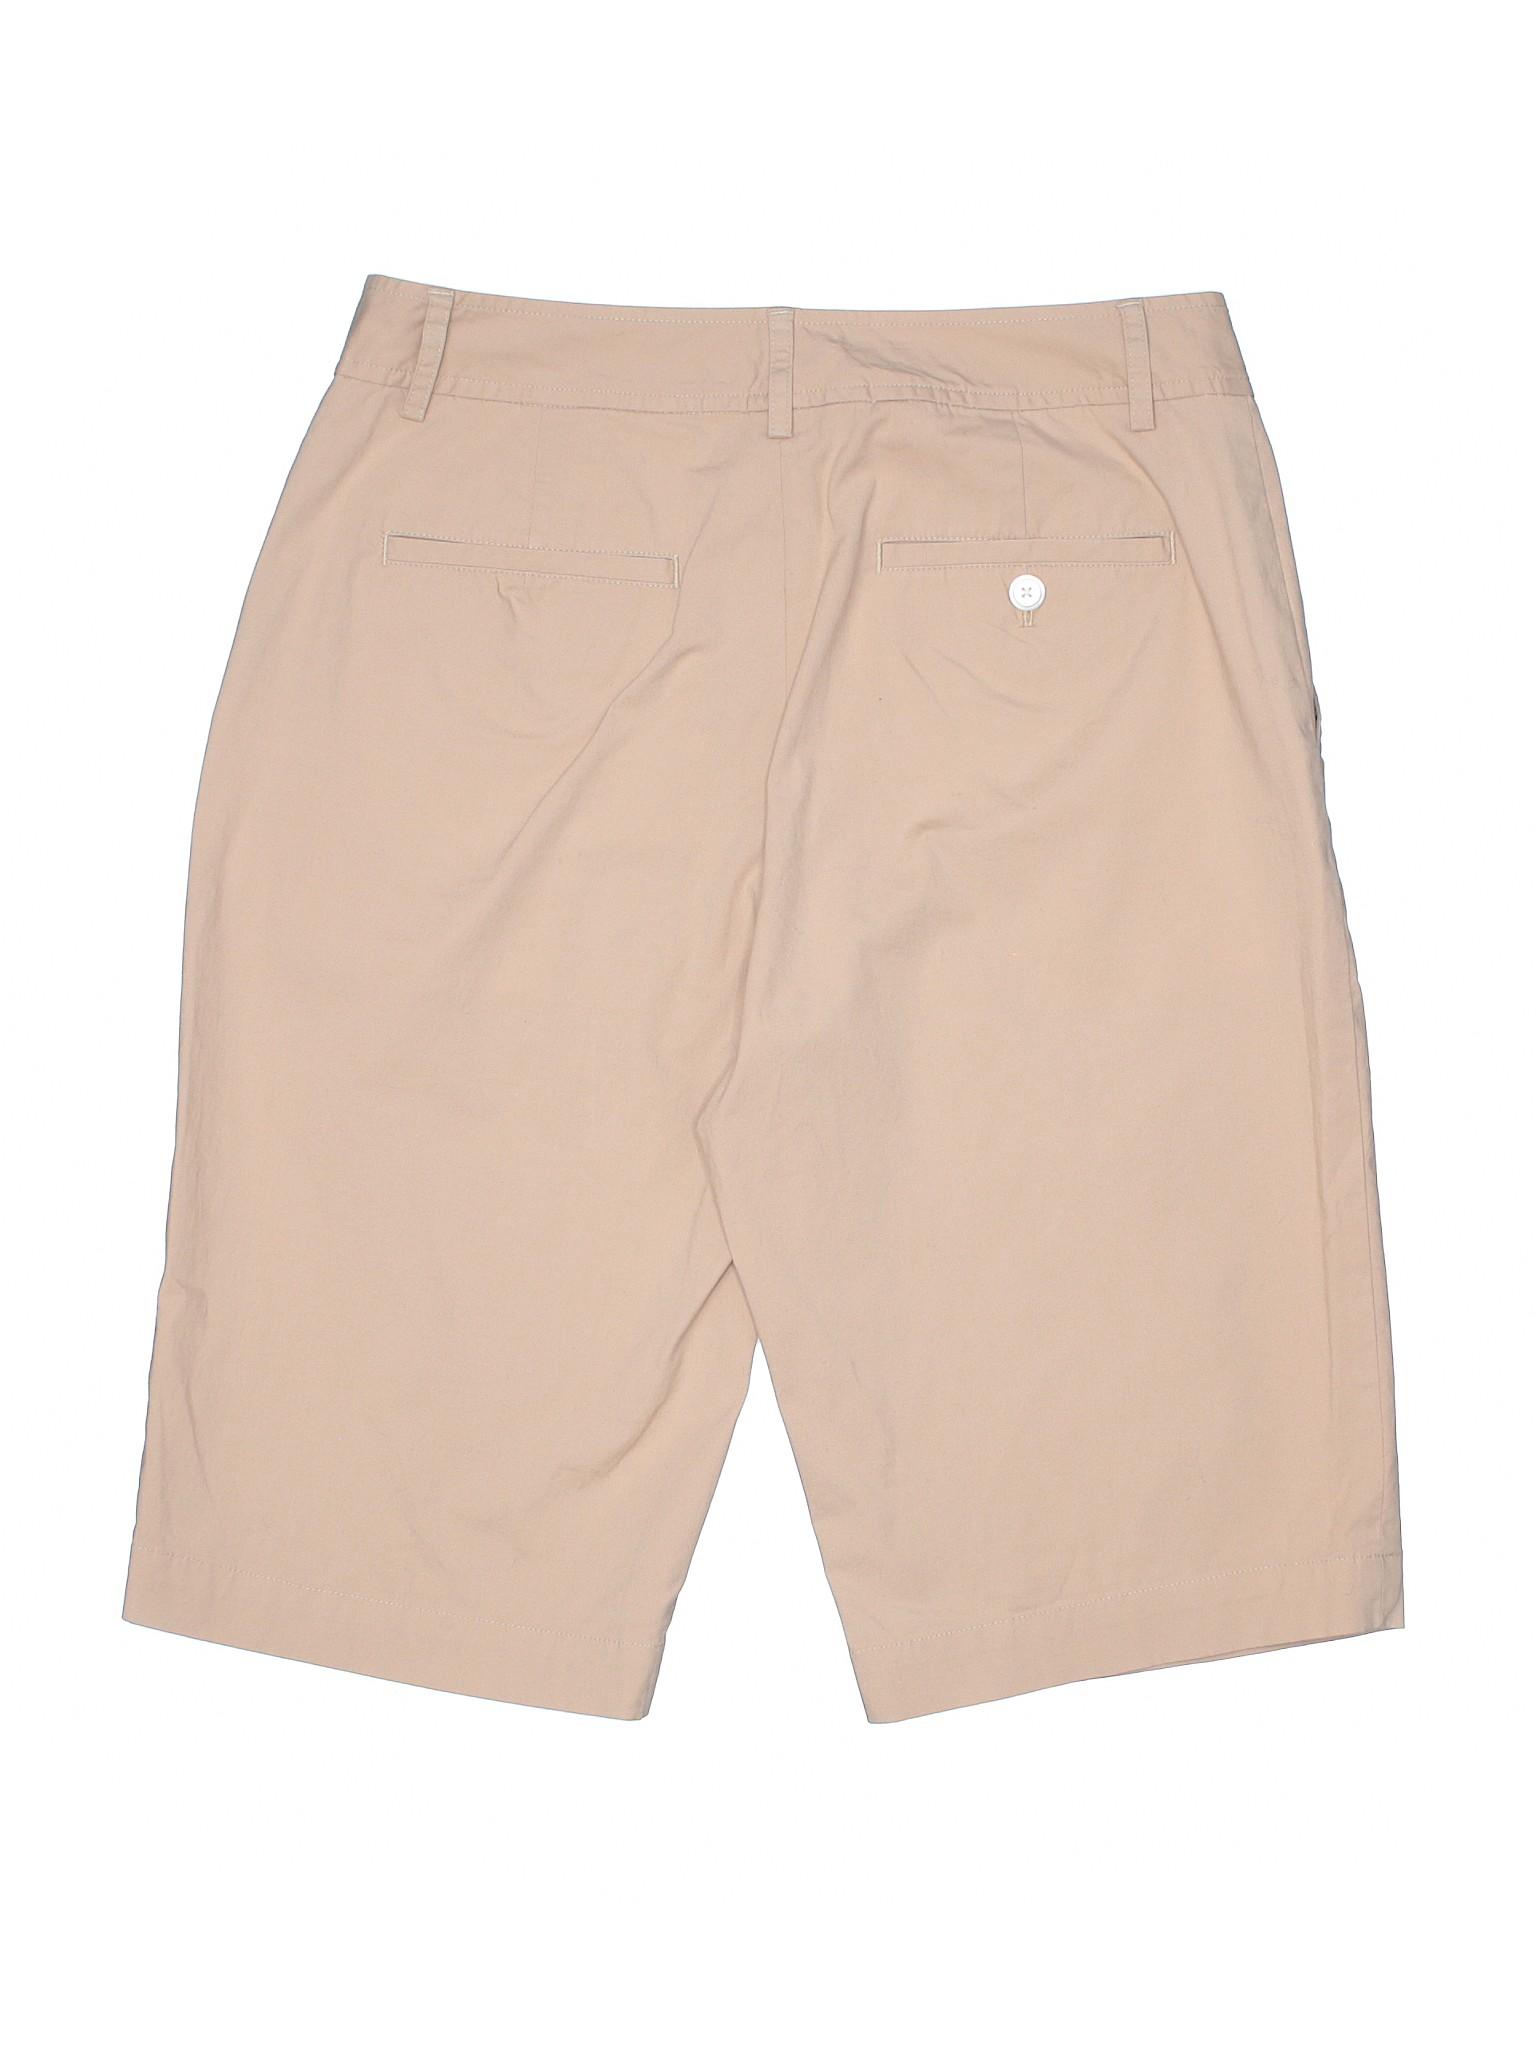 Shorts Boutique by winter Khaki Lauren Lauren Ralph vxHrvqwBY